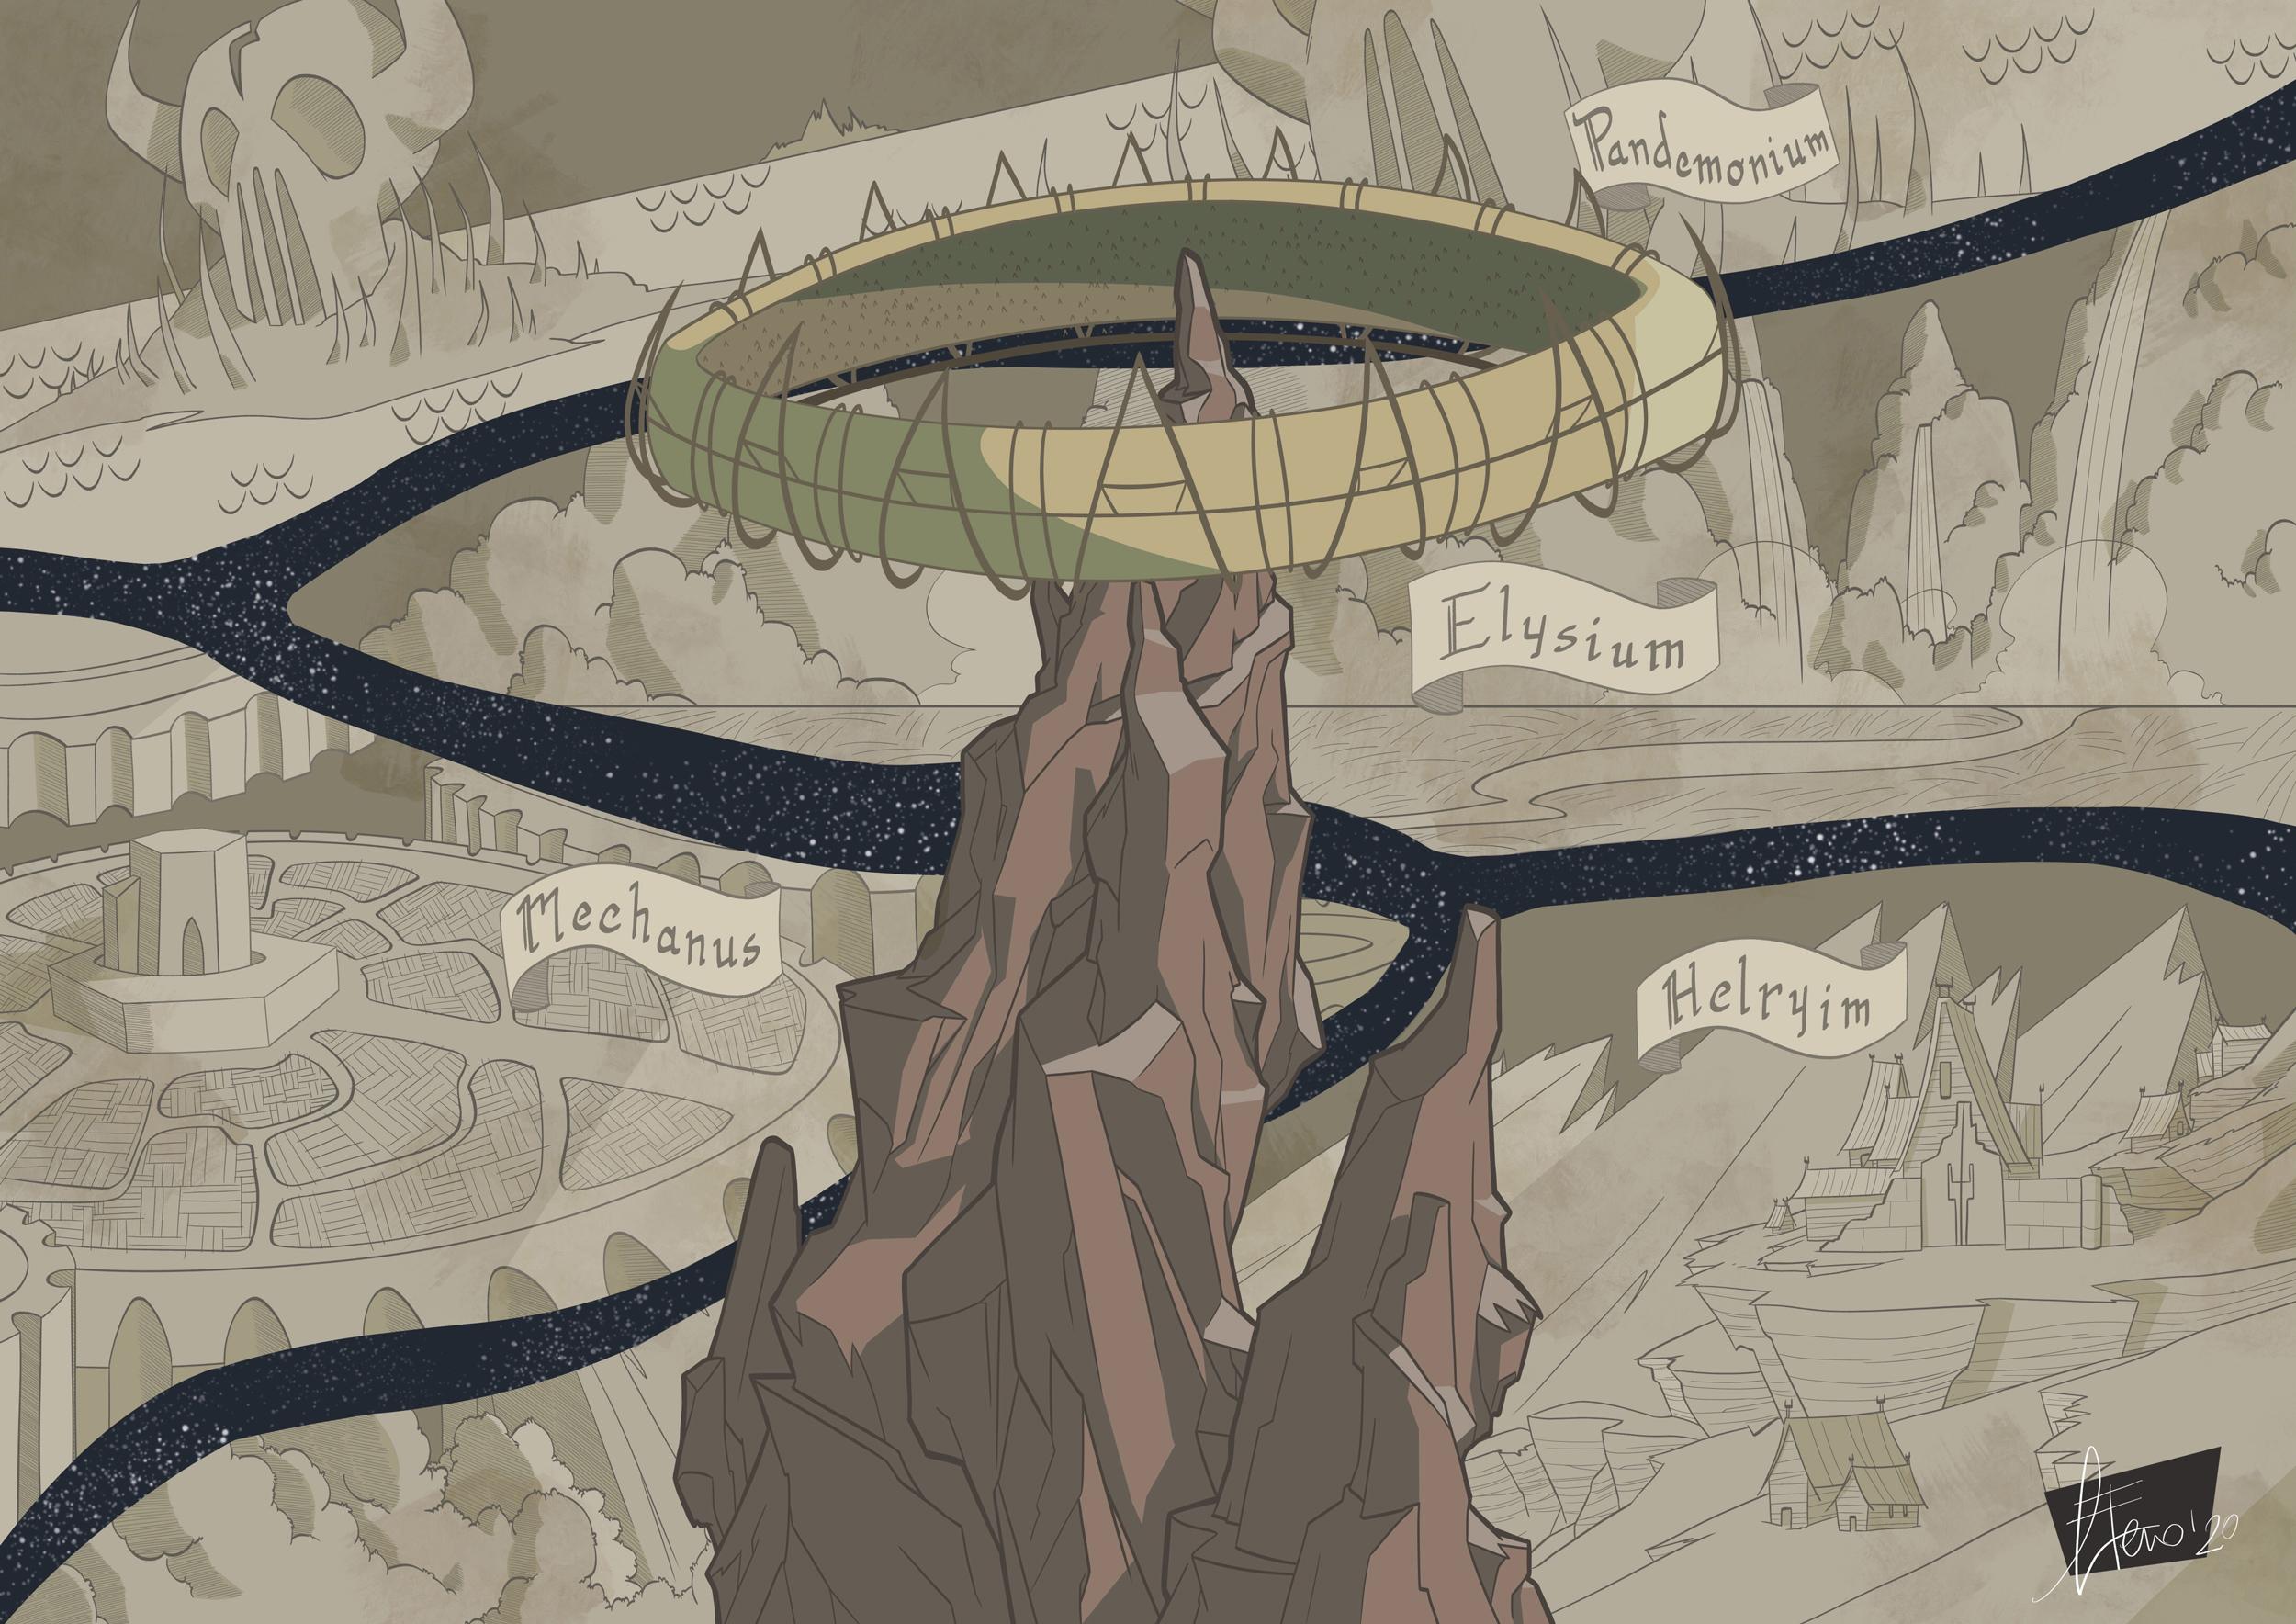 gnagneterno Poster promozionale (Sigil e i Piani Esterni) studio 04 - by Agnese Eterno Planescape Torment Redesign Project (2020) © Scuola Internazionale di Comics Torino e dell'autore, tutti i diritti riservati